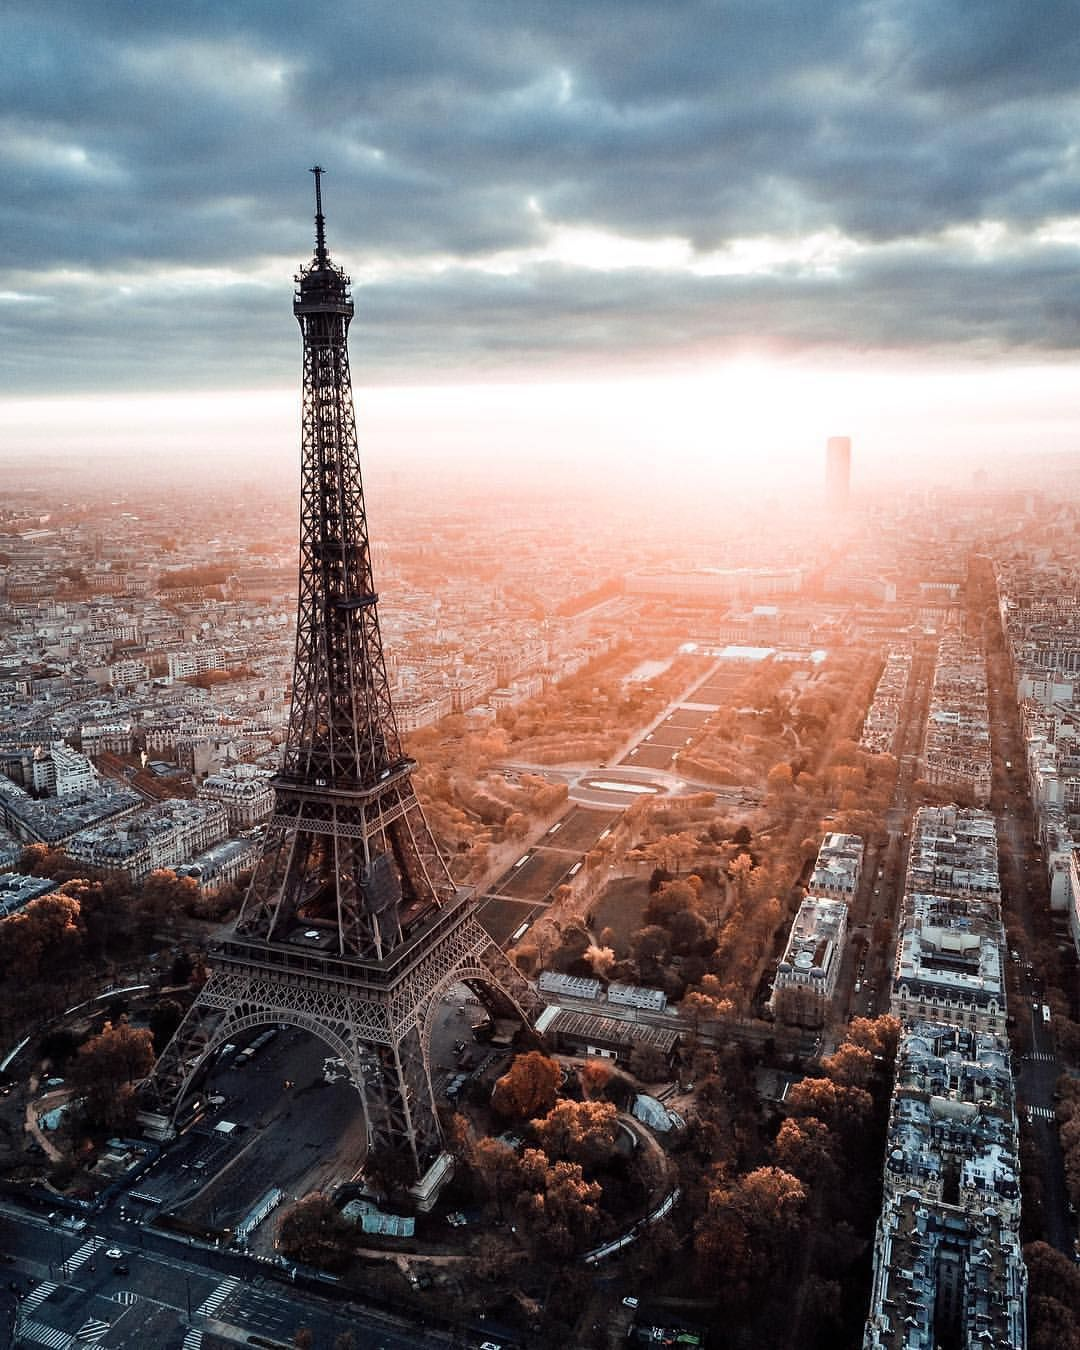 Earthfocus On Instagram Oh I Love Paris Photo By Patborriello Explore Share Inspire Schone Hintergrund Bilder Paris Bilder Eiffelturm Fotografie